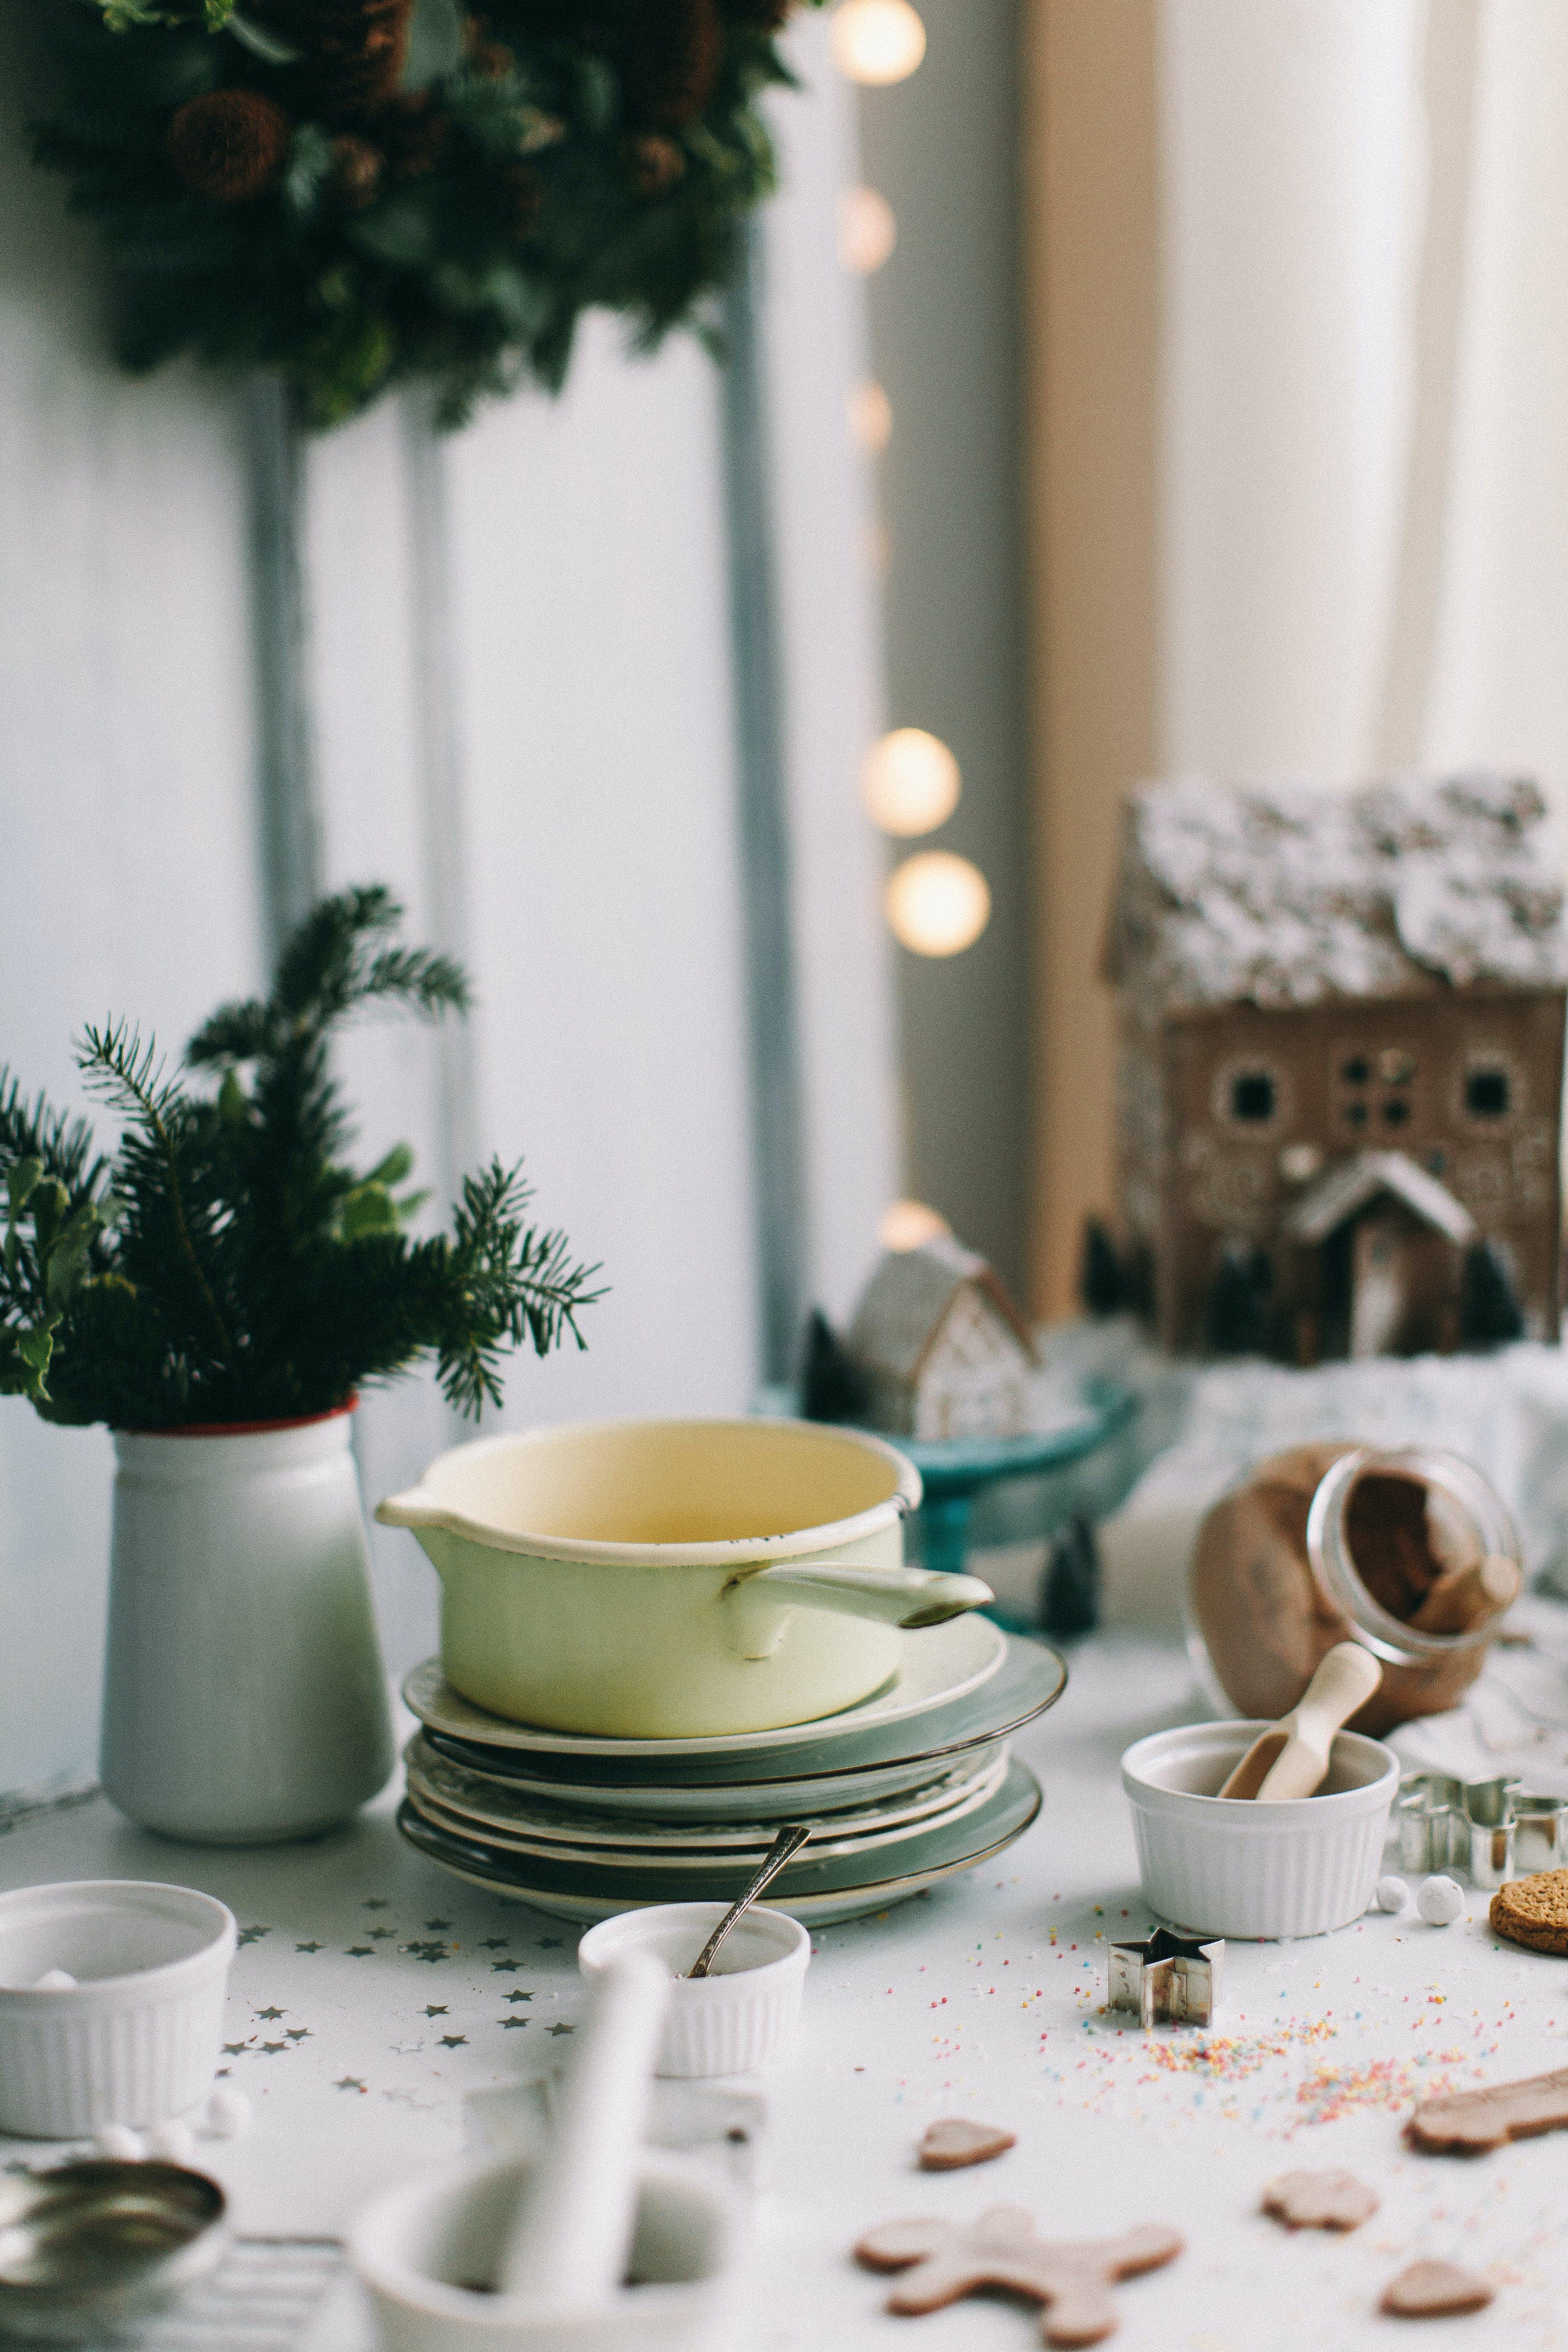 Foto d'estoc gratuïta de coberts, estris de cuina, parament de la taula, platet